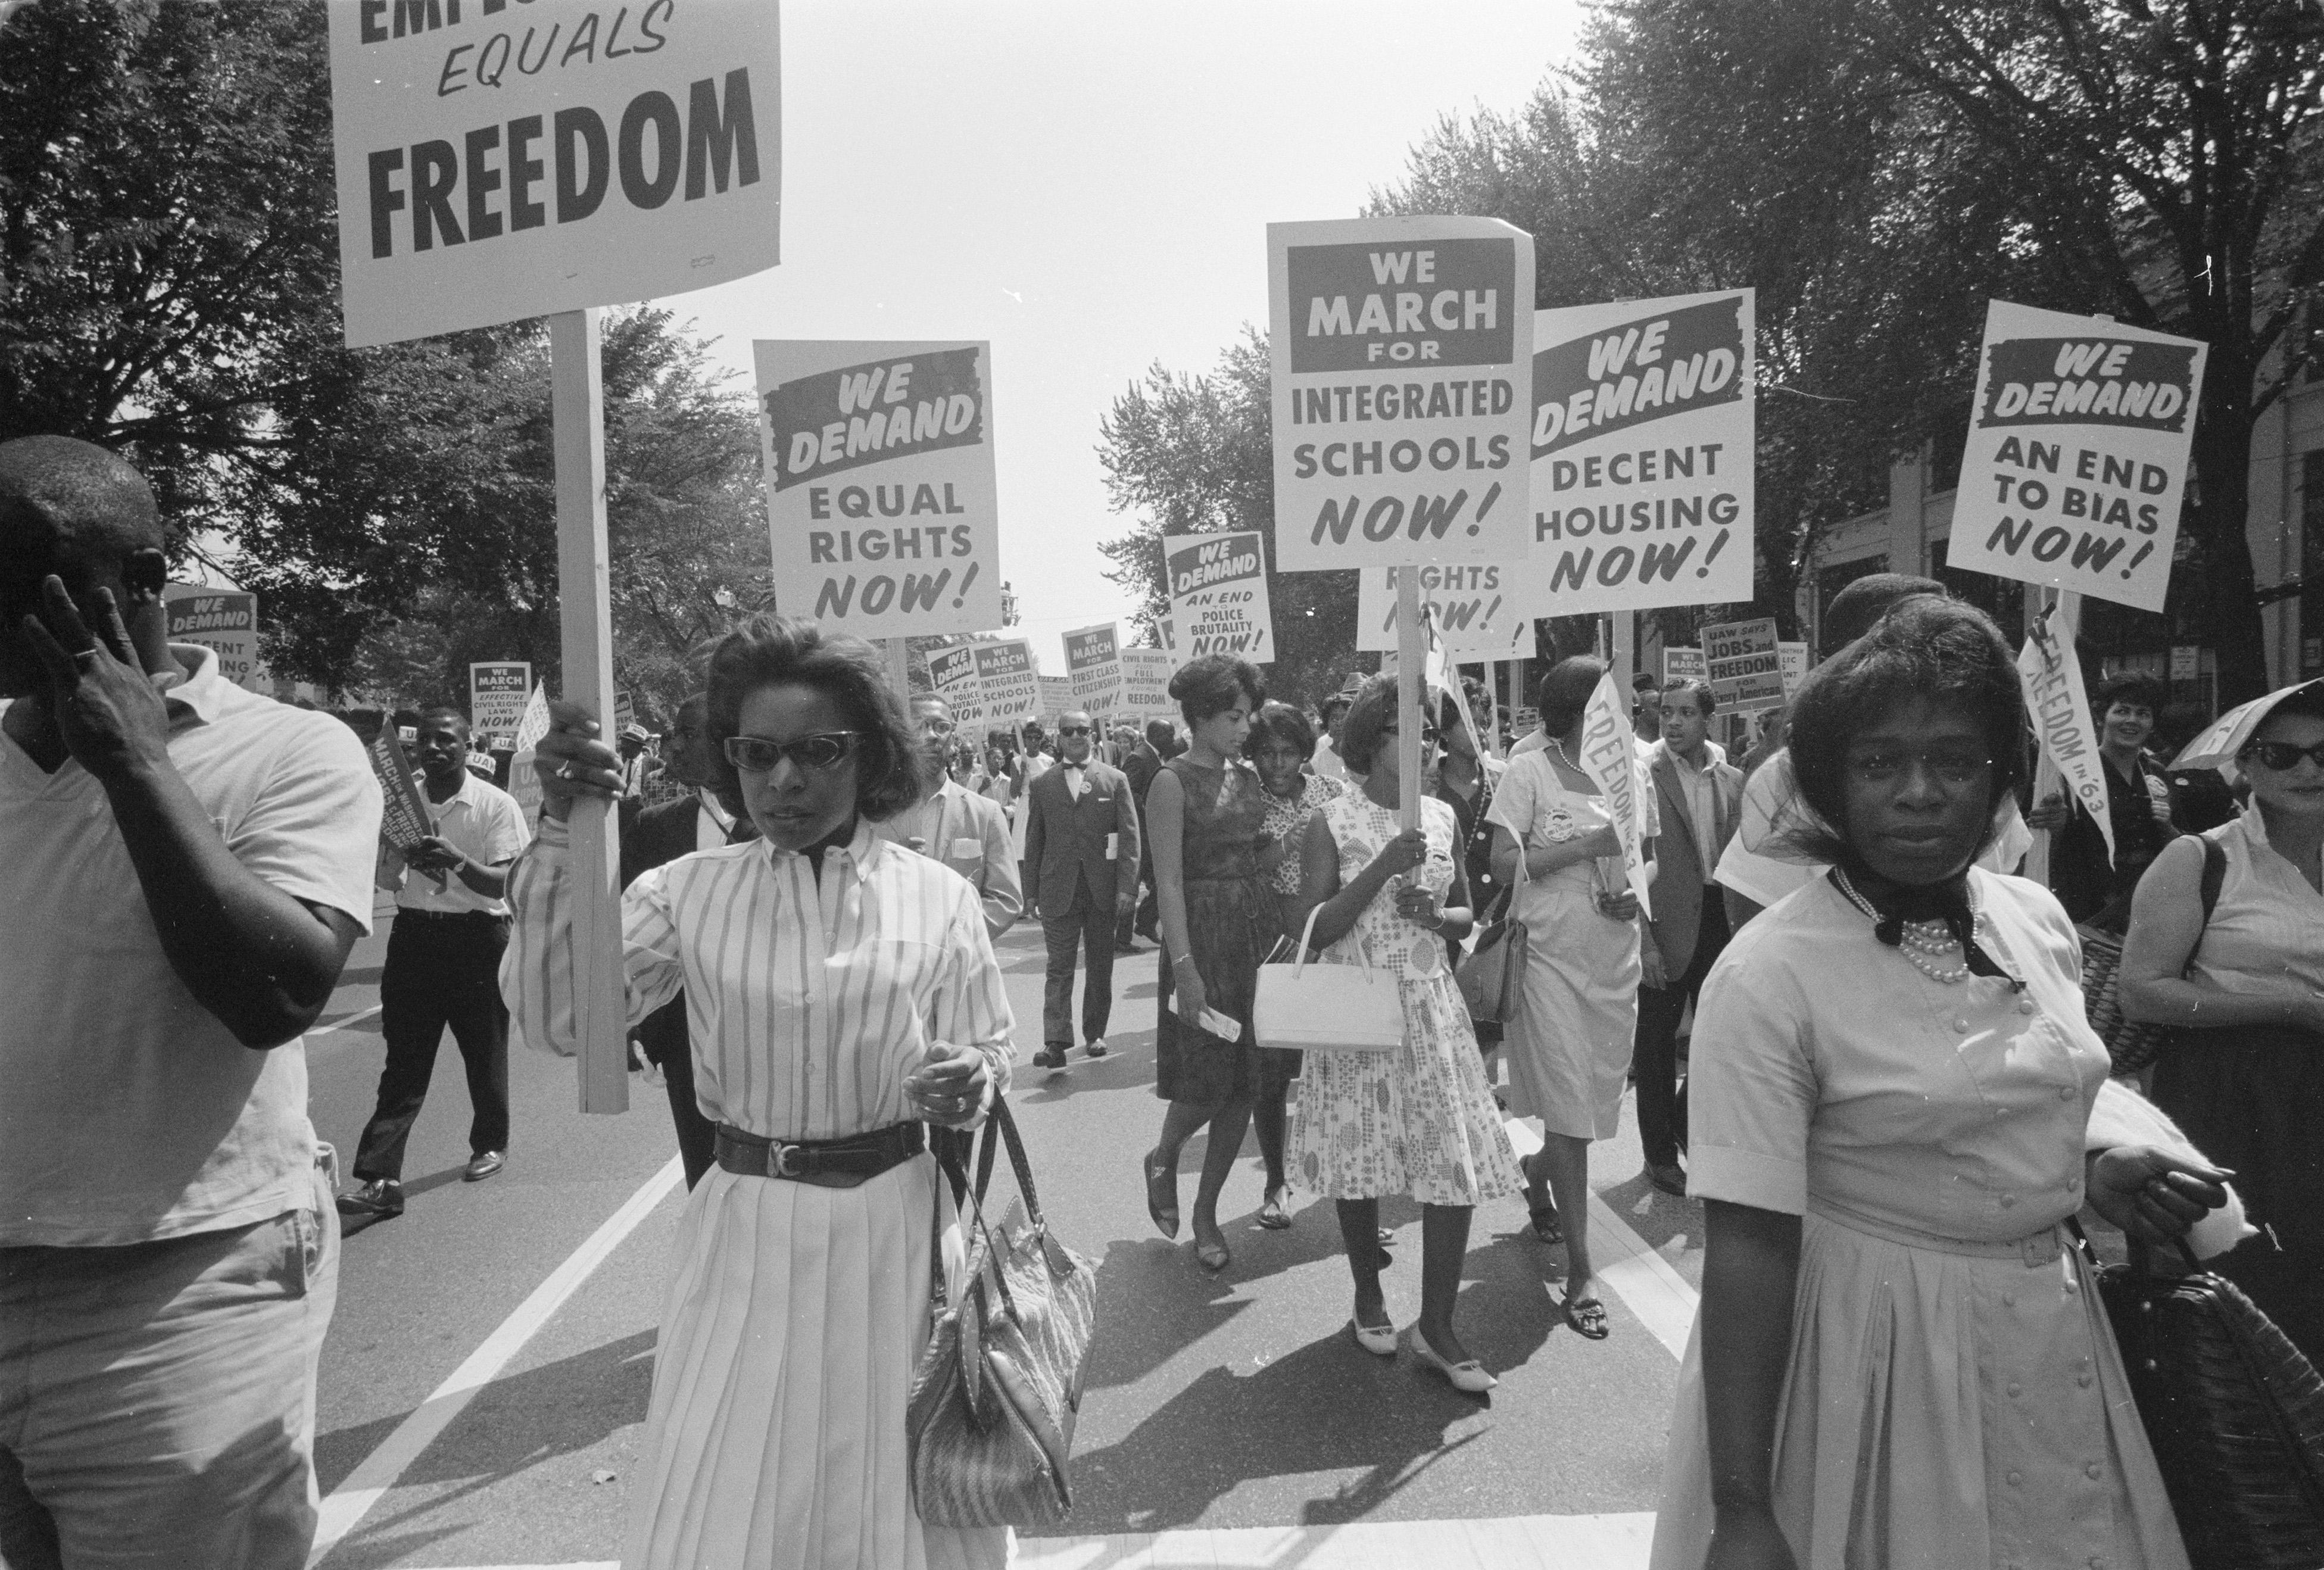 La procession d'Afro-Américains porte des pancartes pour l'égalité des droits, des écoles intégrées, un logement décent et la fin des préjugés lors de la marche sur Washington pour l'emploi et la liberté le 28 août 1963. Photo de Warren K. Leffler, propriété de la Bibliothèque du Congrès.